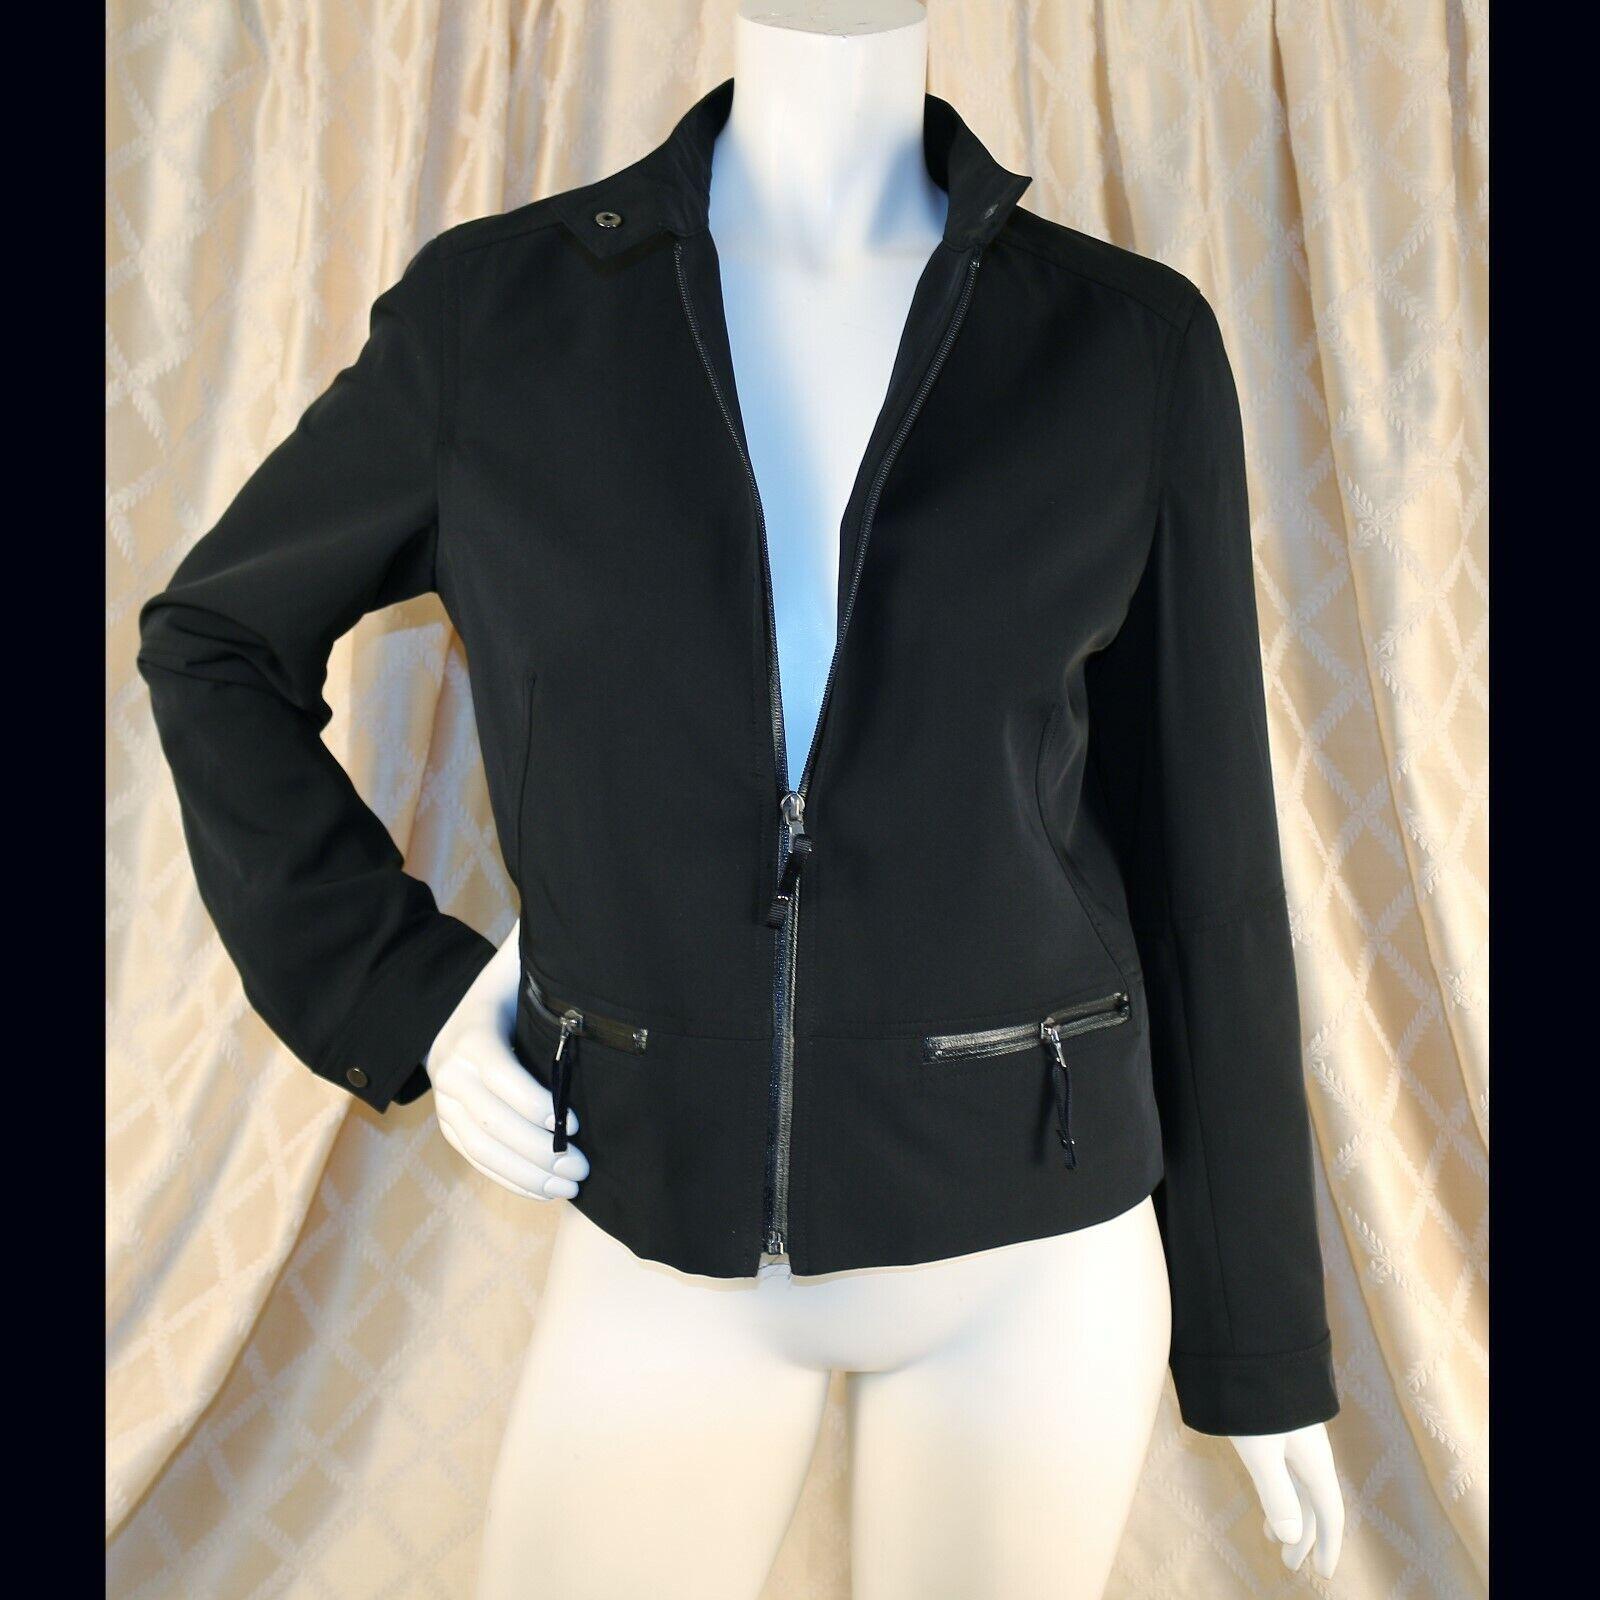 DALIA Mar Negro con Parche  De Codo Mujer Blazer Abrigo Chaqueta  precios mas bajos